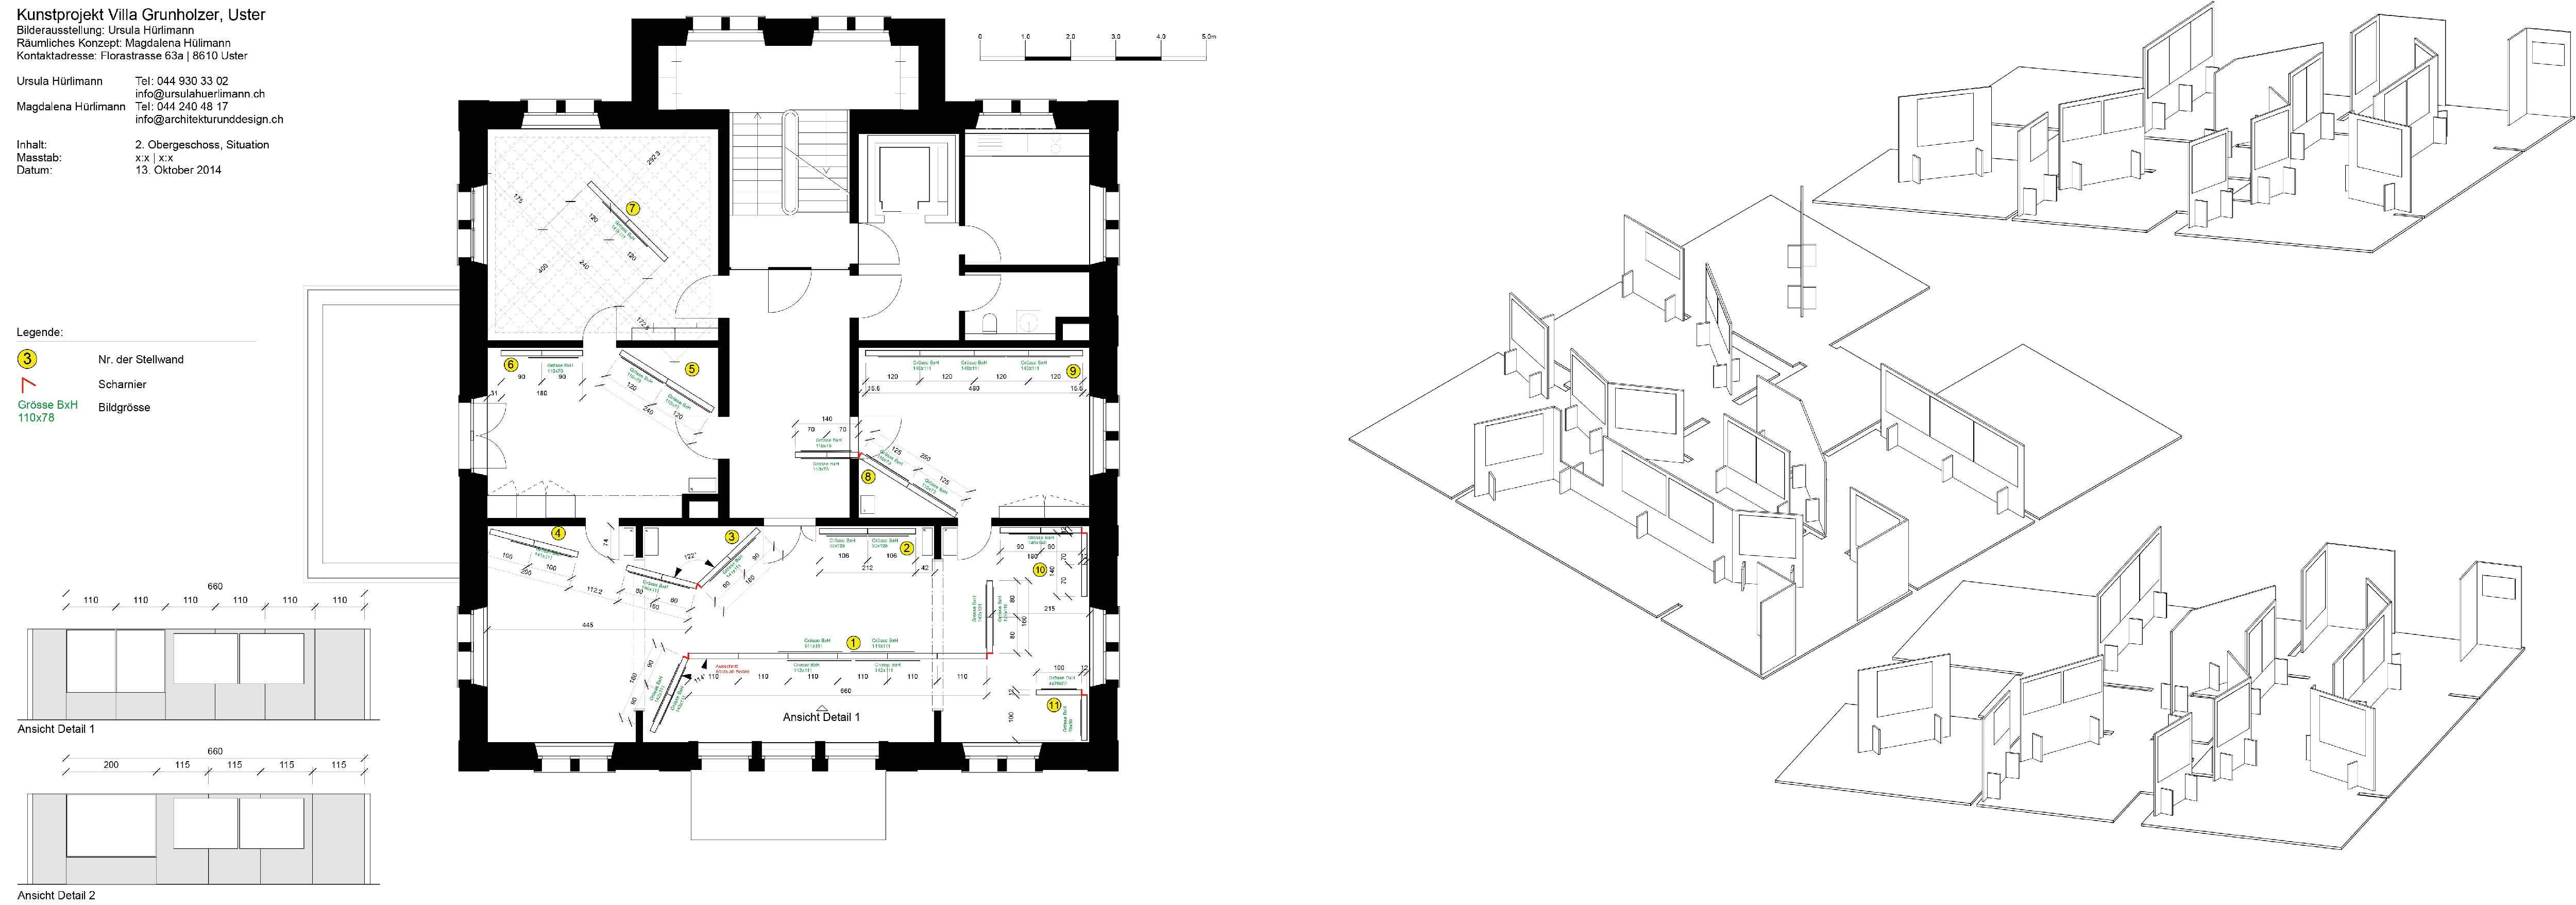 Ausstellung galerie architektur und design for Architektur und design